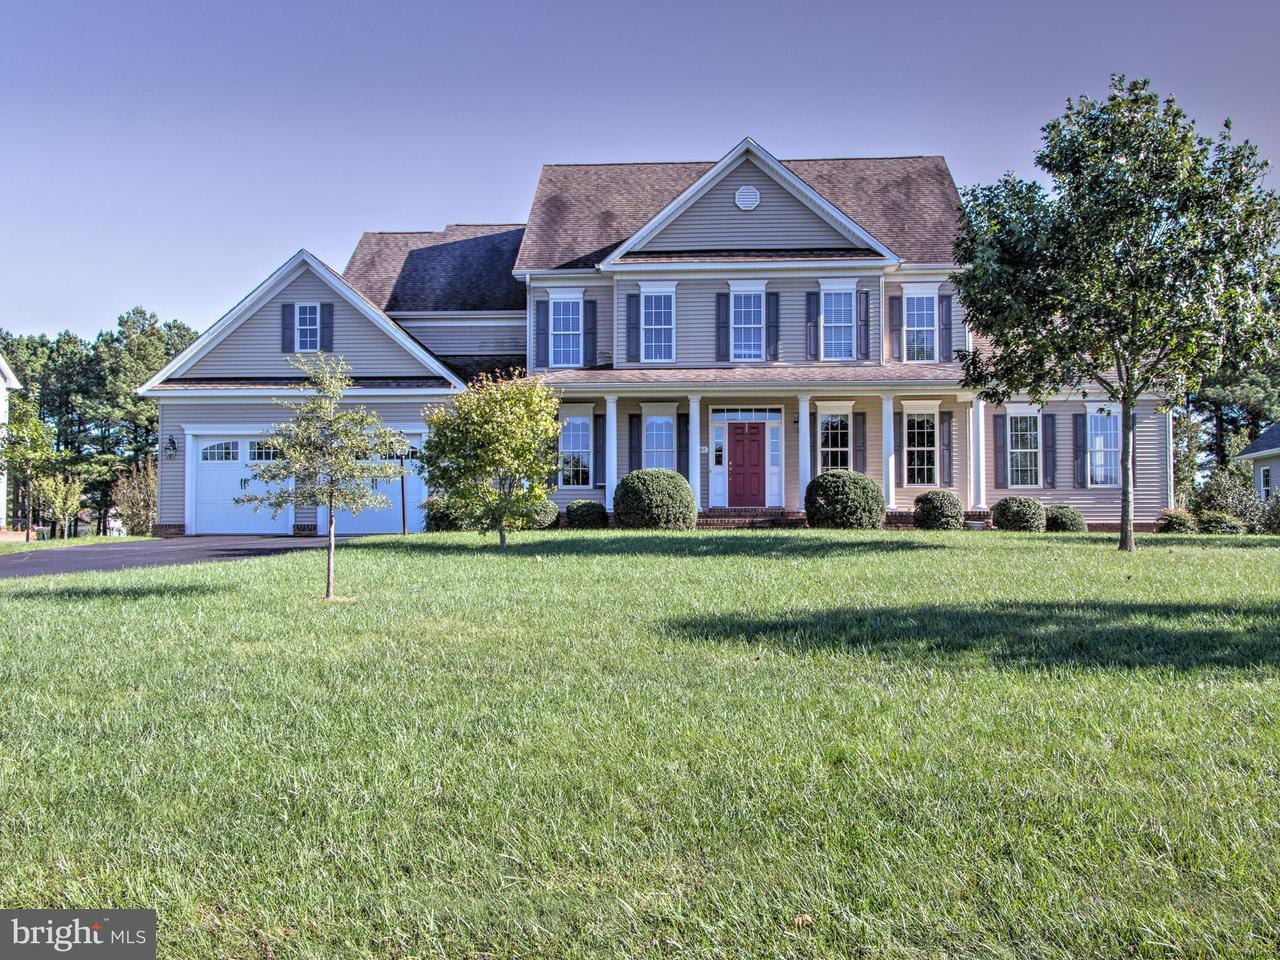 一戸建て のために 売買 アット 13566 RUSTLING OAKS Drive 13566 RUSTLING OAKS Drive Wye Mills, メリーランド 21679 アメリカ合衆国